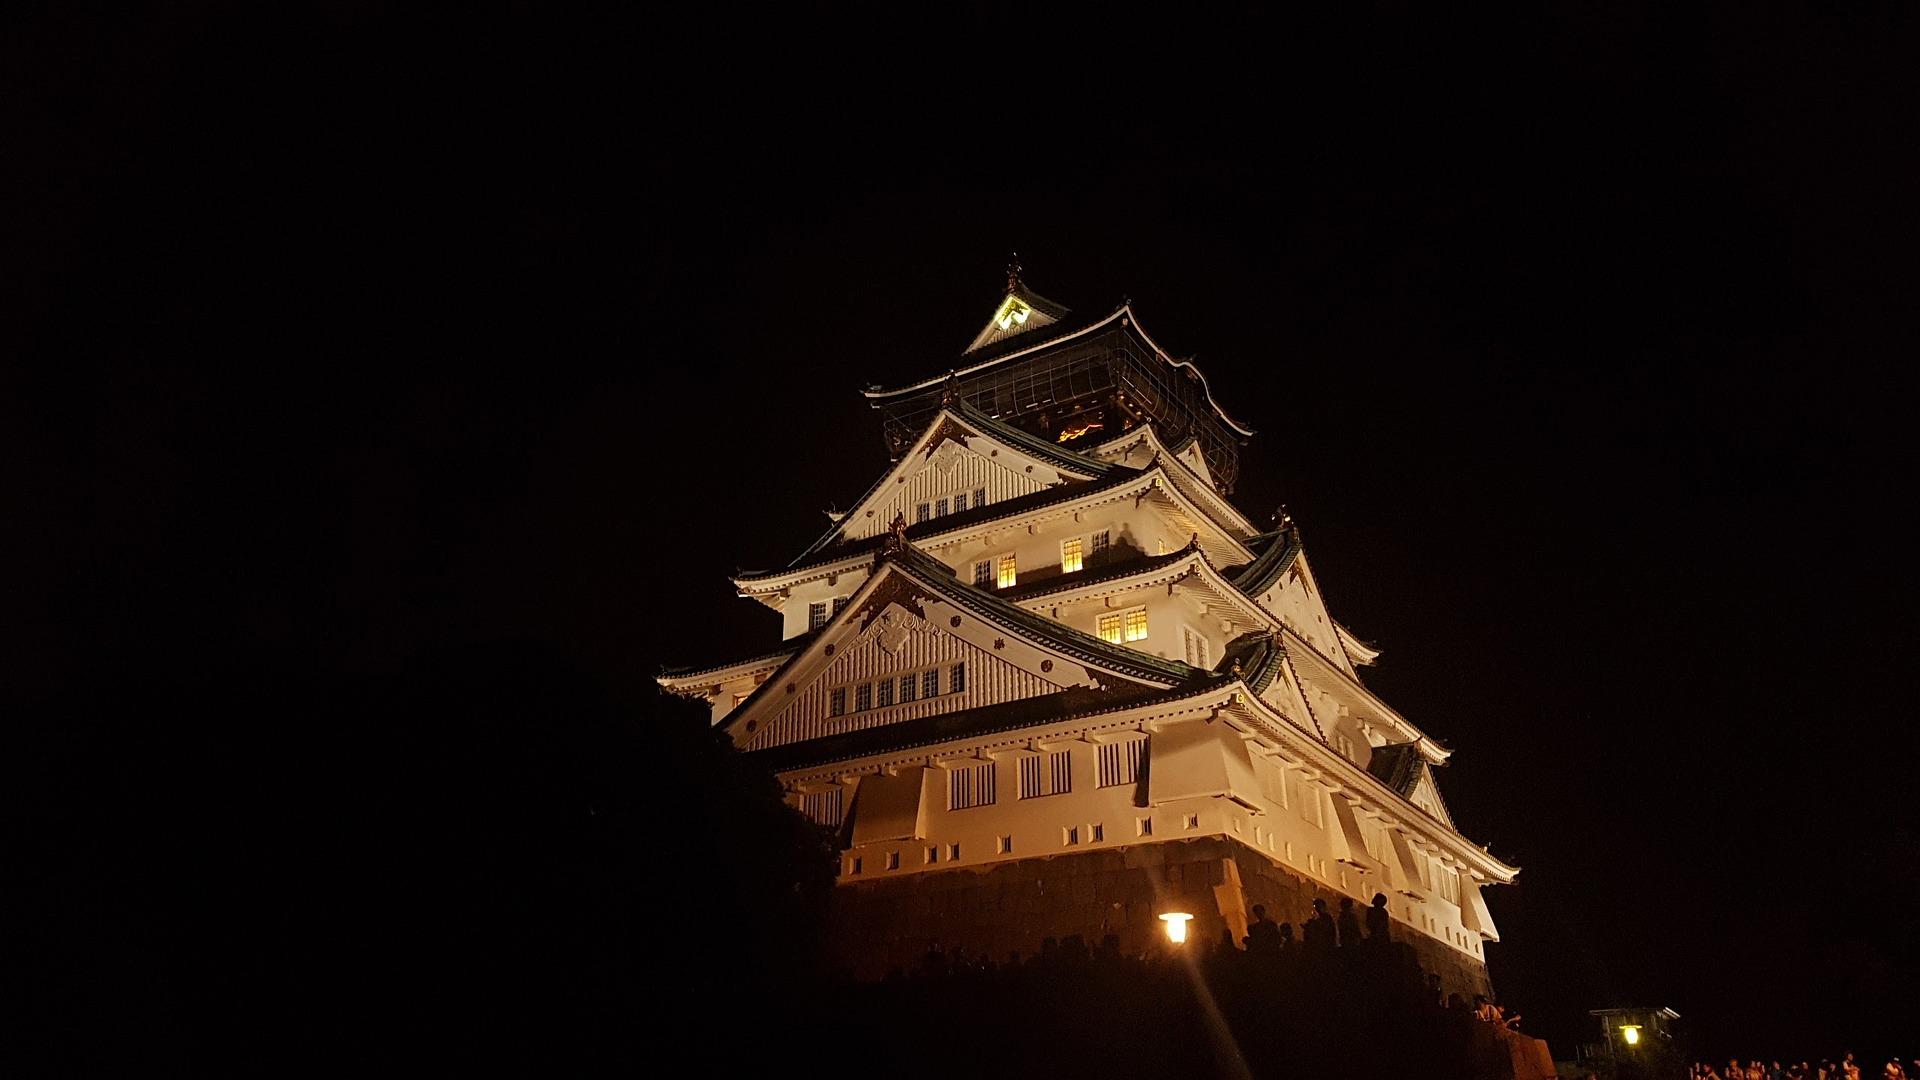 大阪城ってどんな城?城主は誰?【大阪城の歴史や、観光での ...